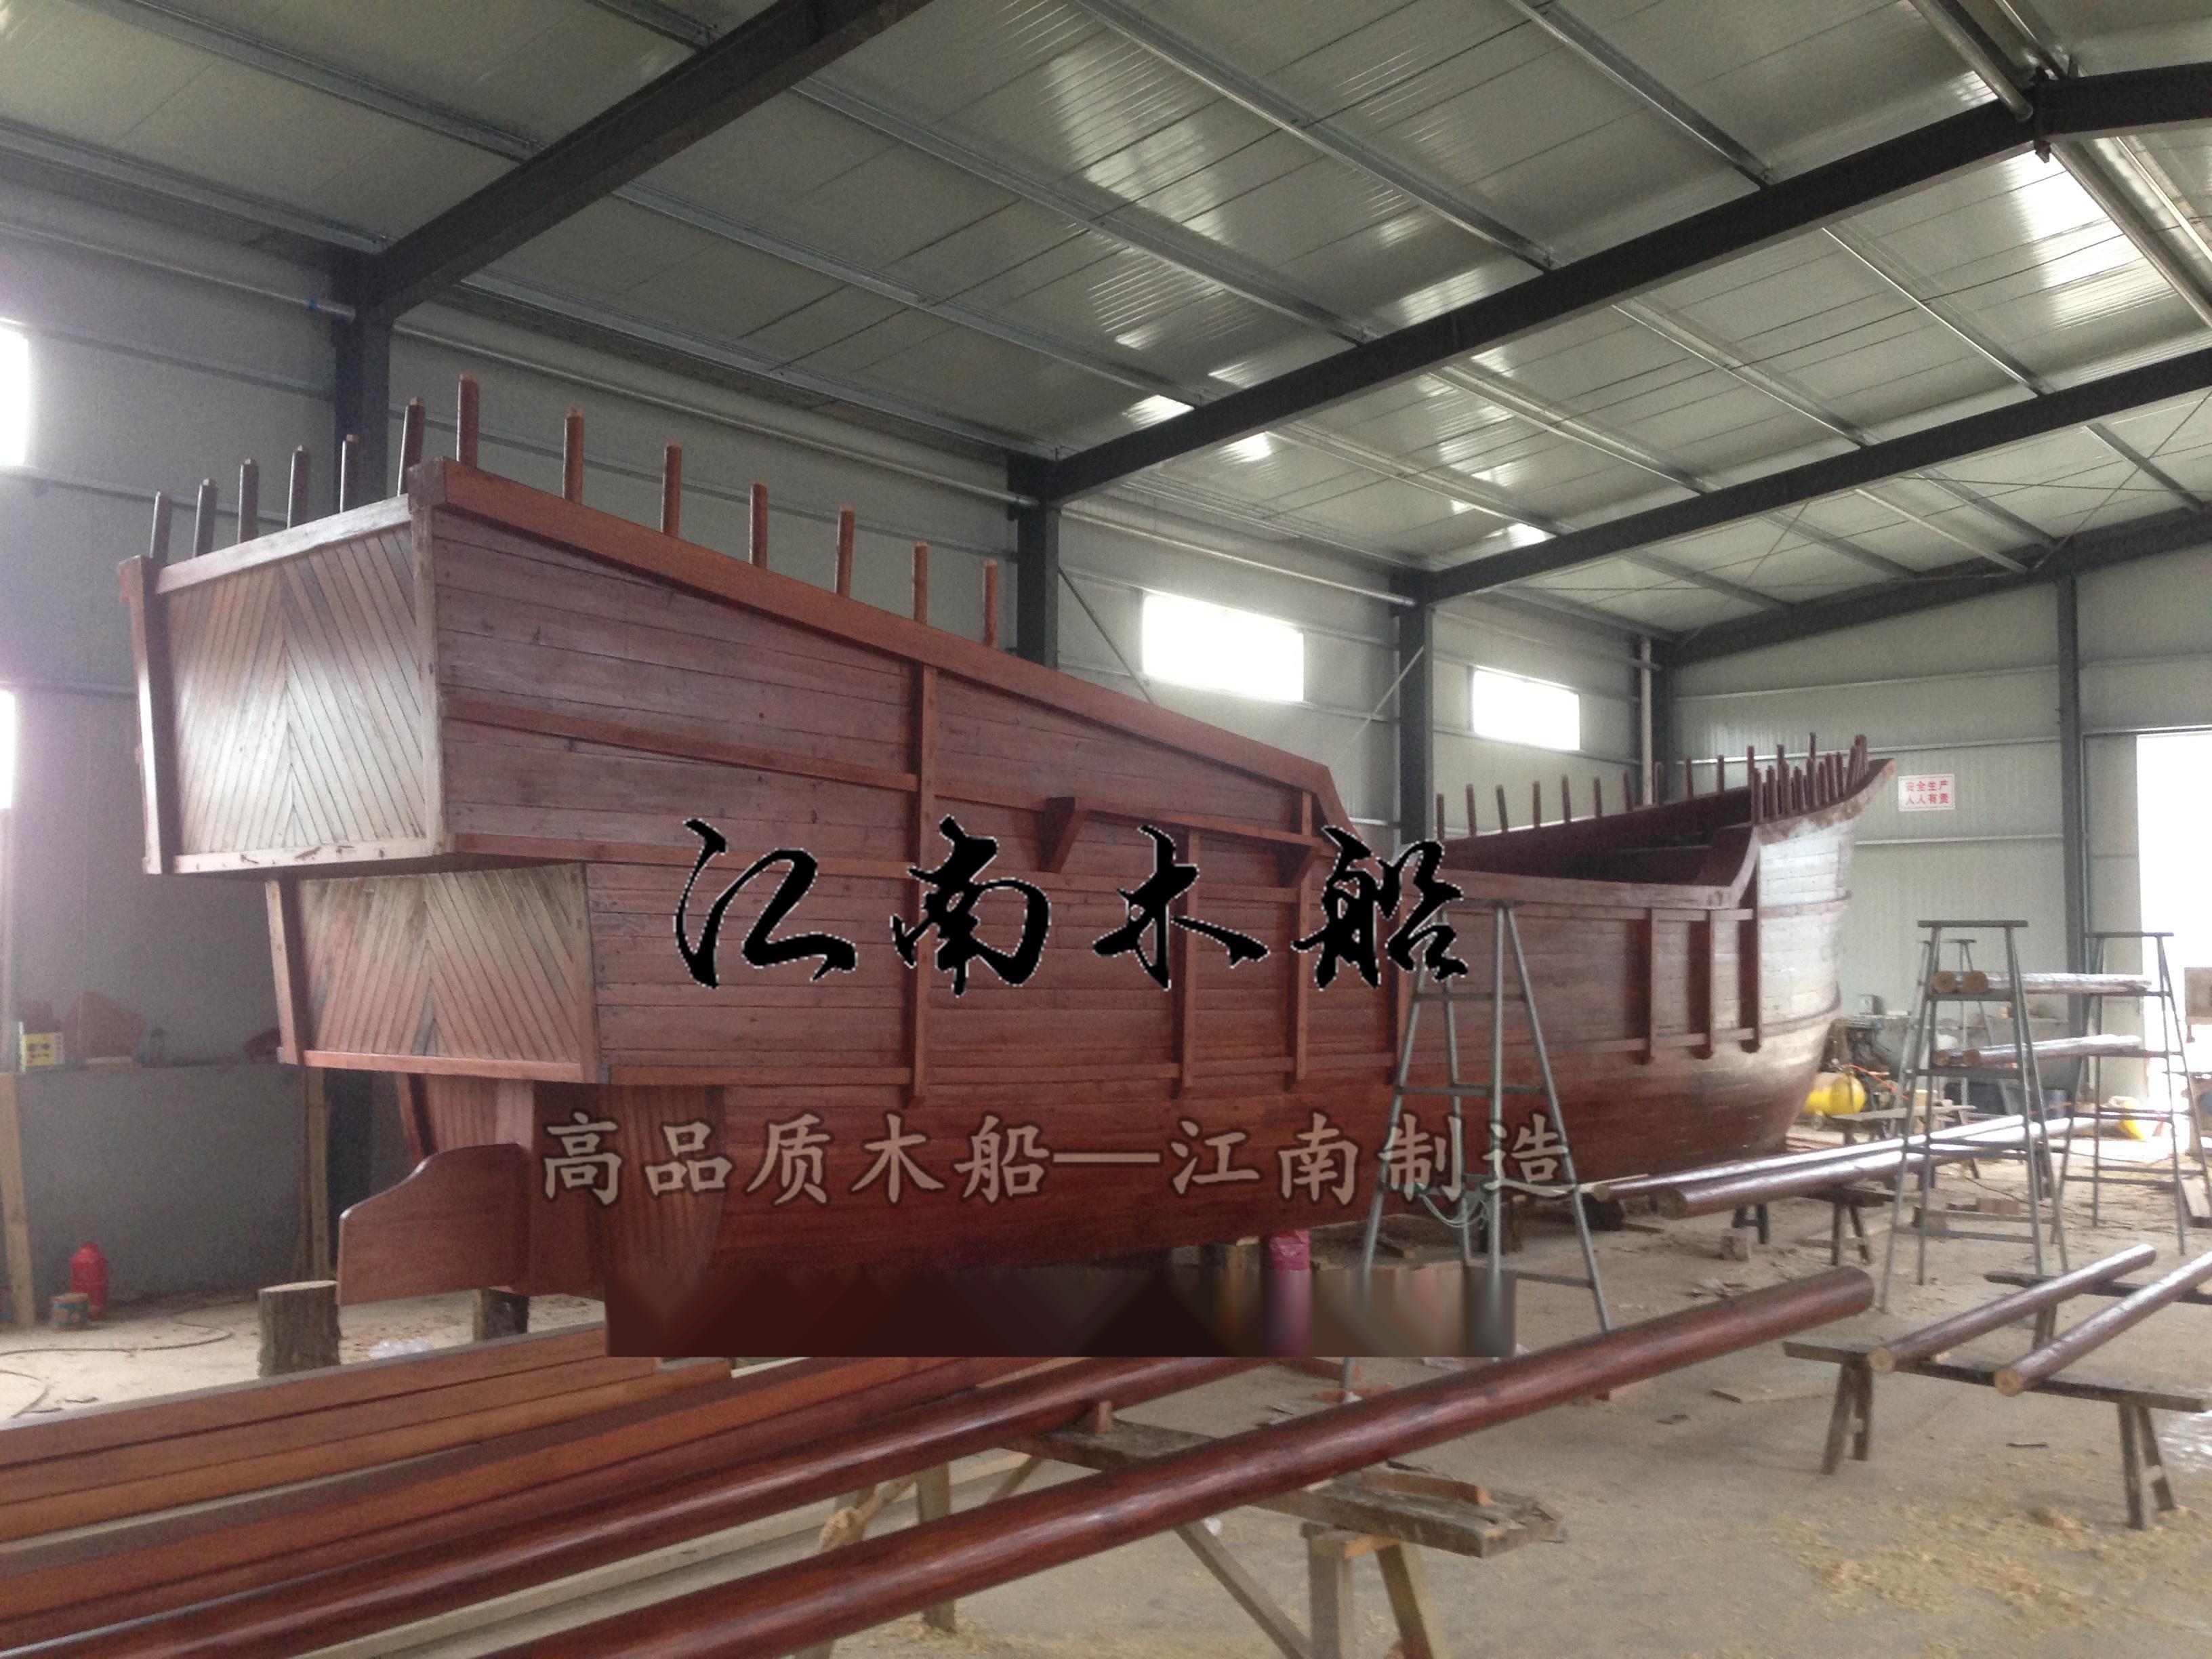 大型景观木船 海盗船 装饰木船 传统木船 大型画舫船